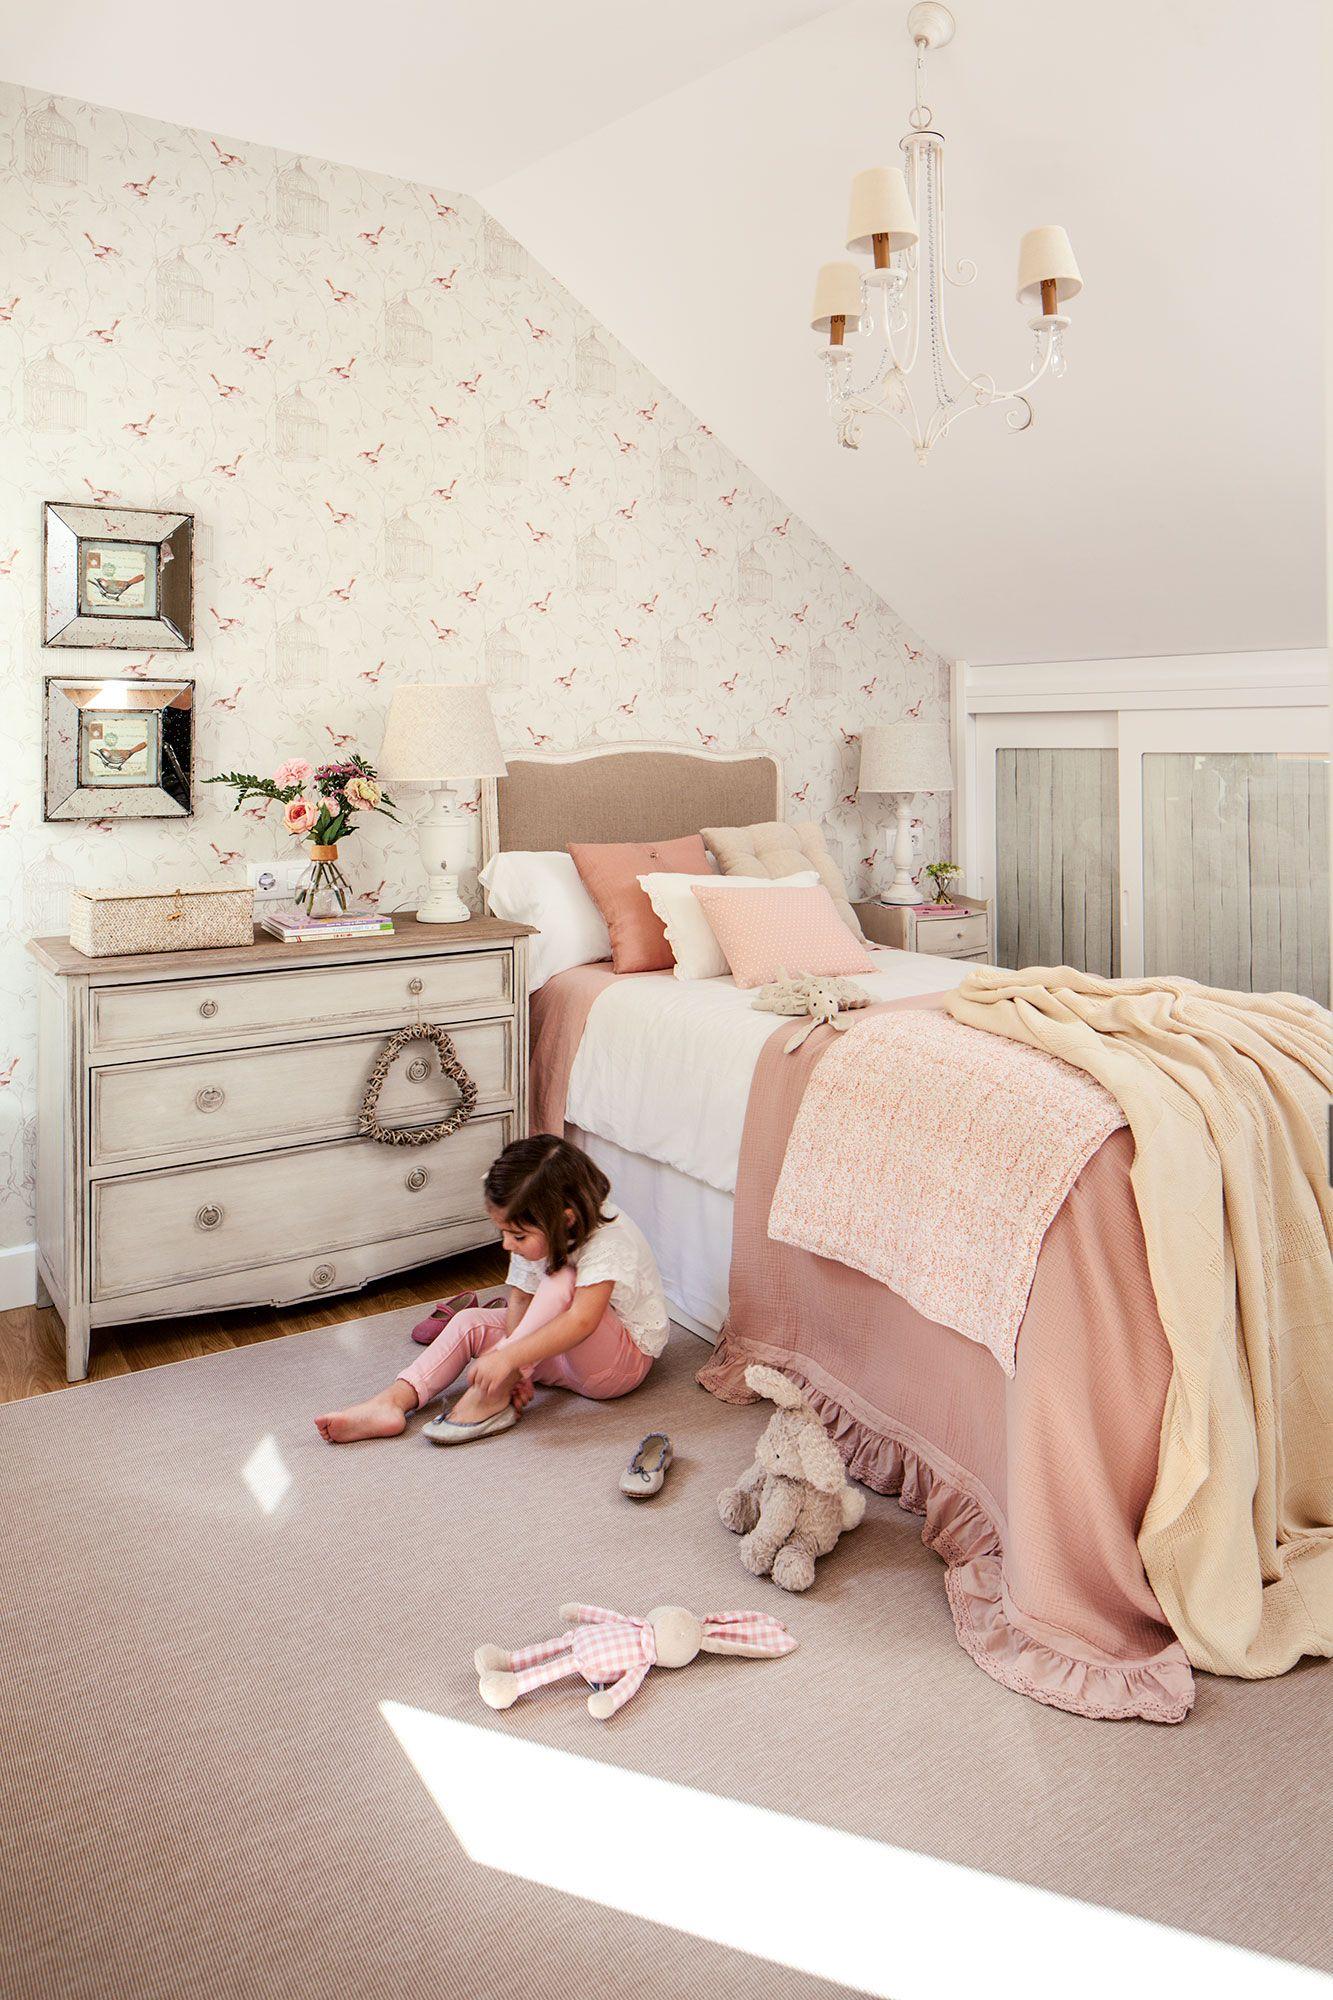 Papel Para Decorar Paredes De Dormitorios Papel Para Decorar  ~ Papel Pintado Dormitorio Blanco